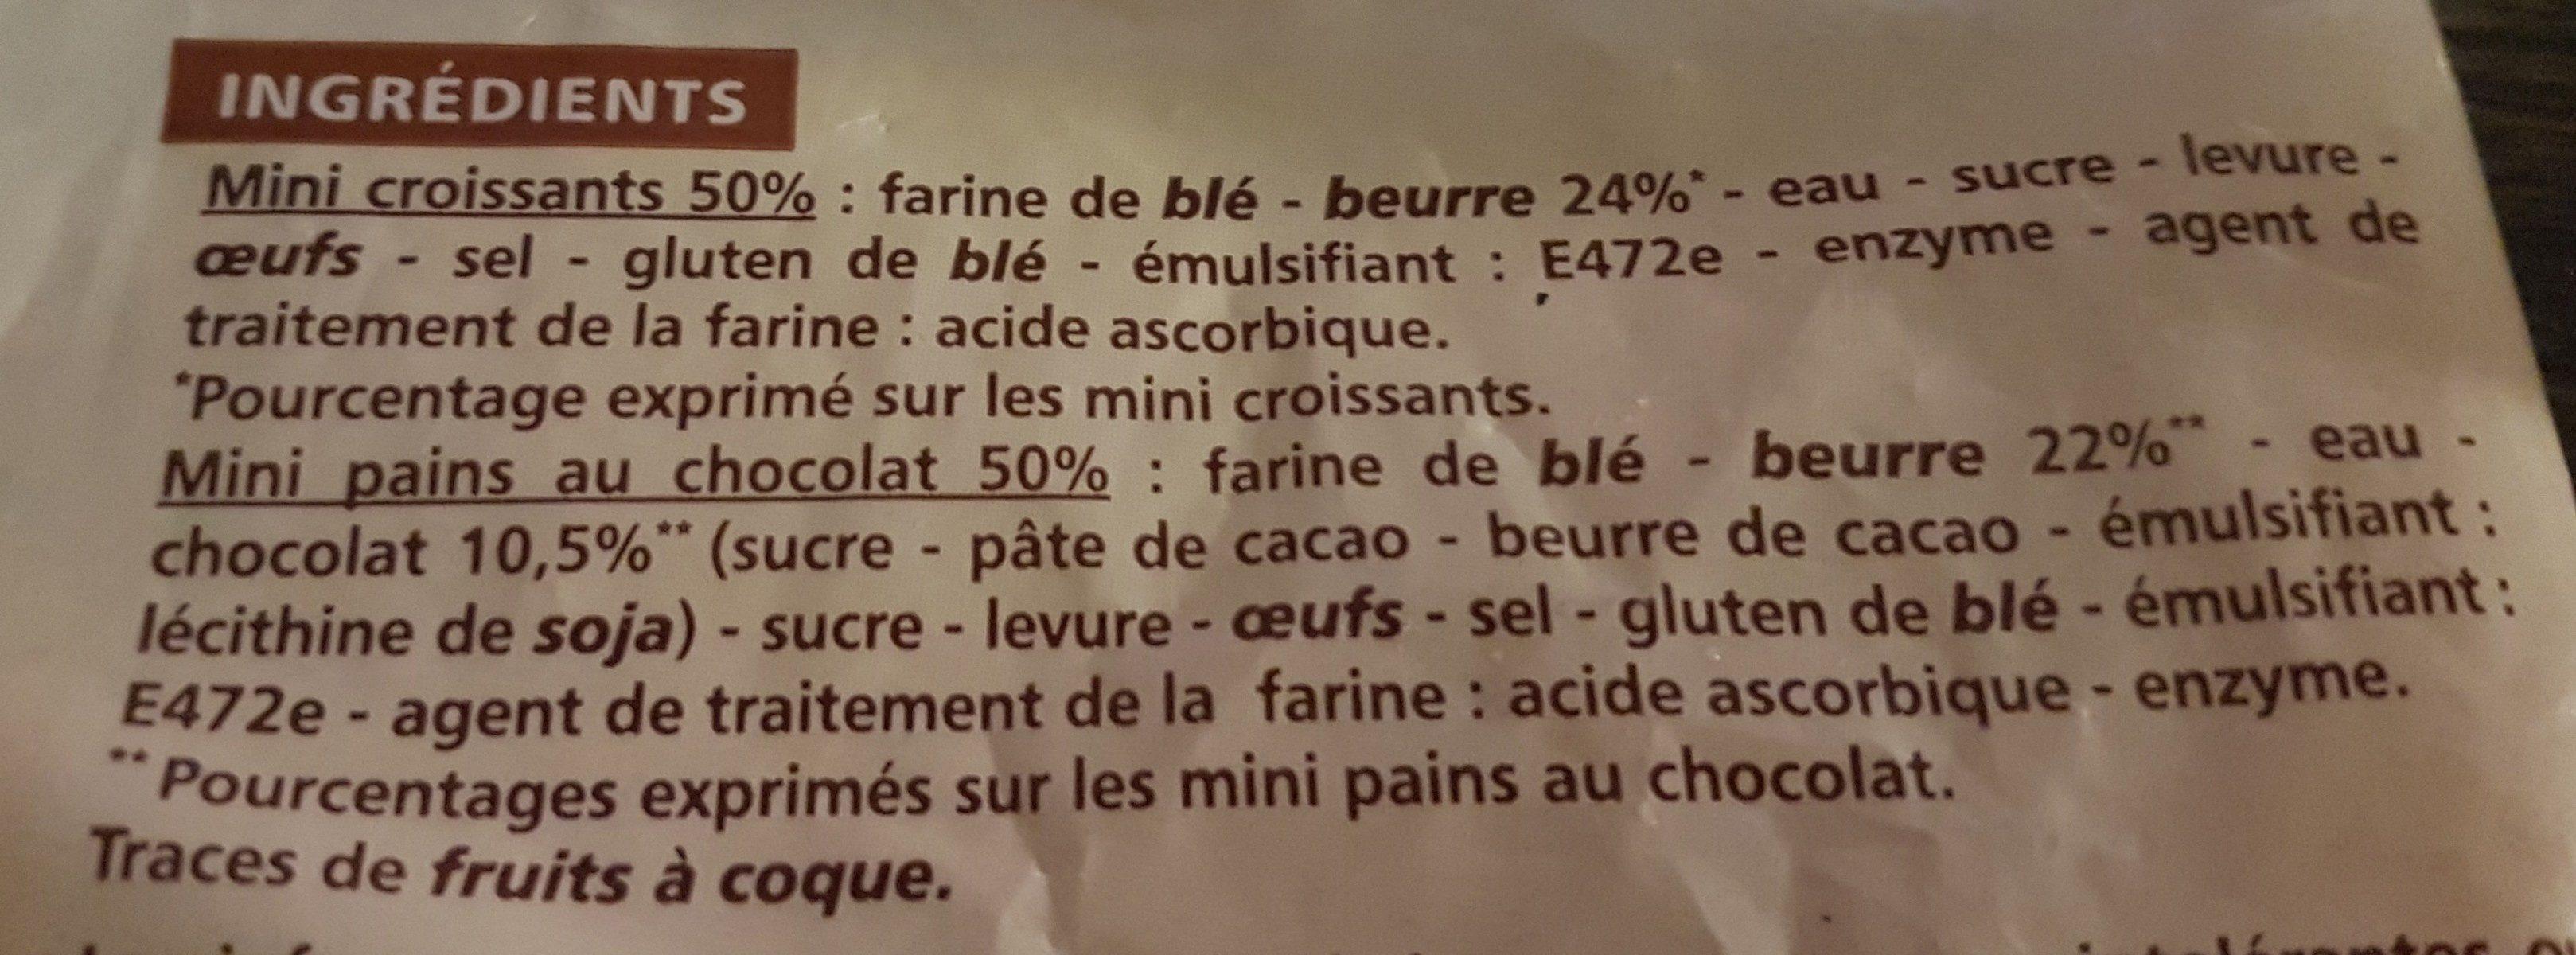 12 mini viennoiseries : mini croissants et mini pains au chocolat pur beurre - prêts à cuire - Ingredients - fr